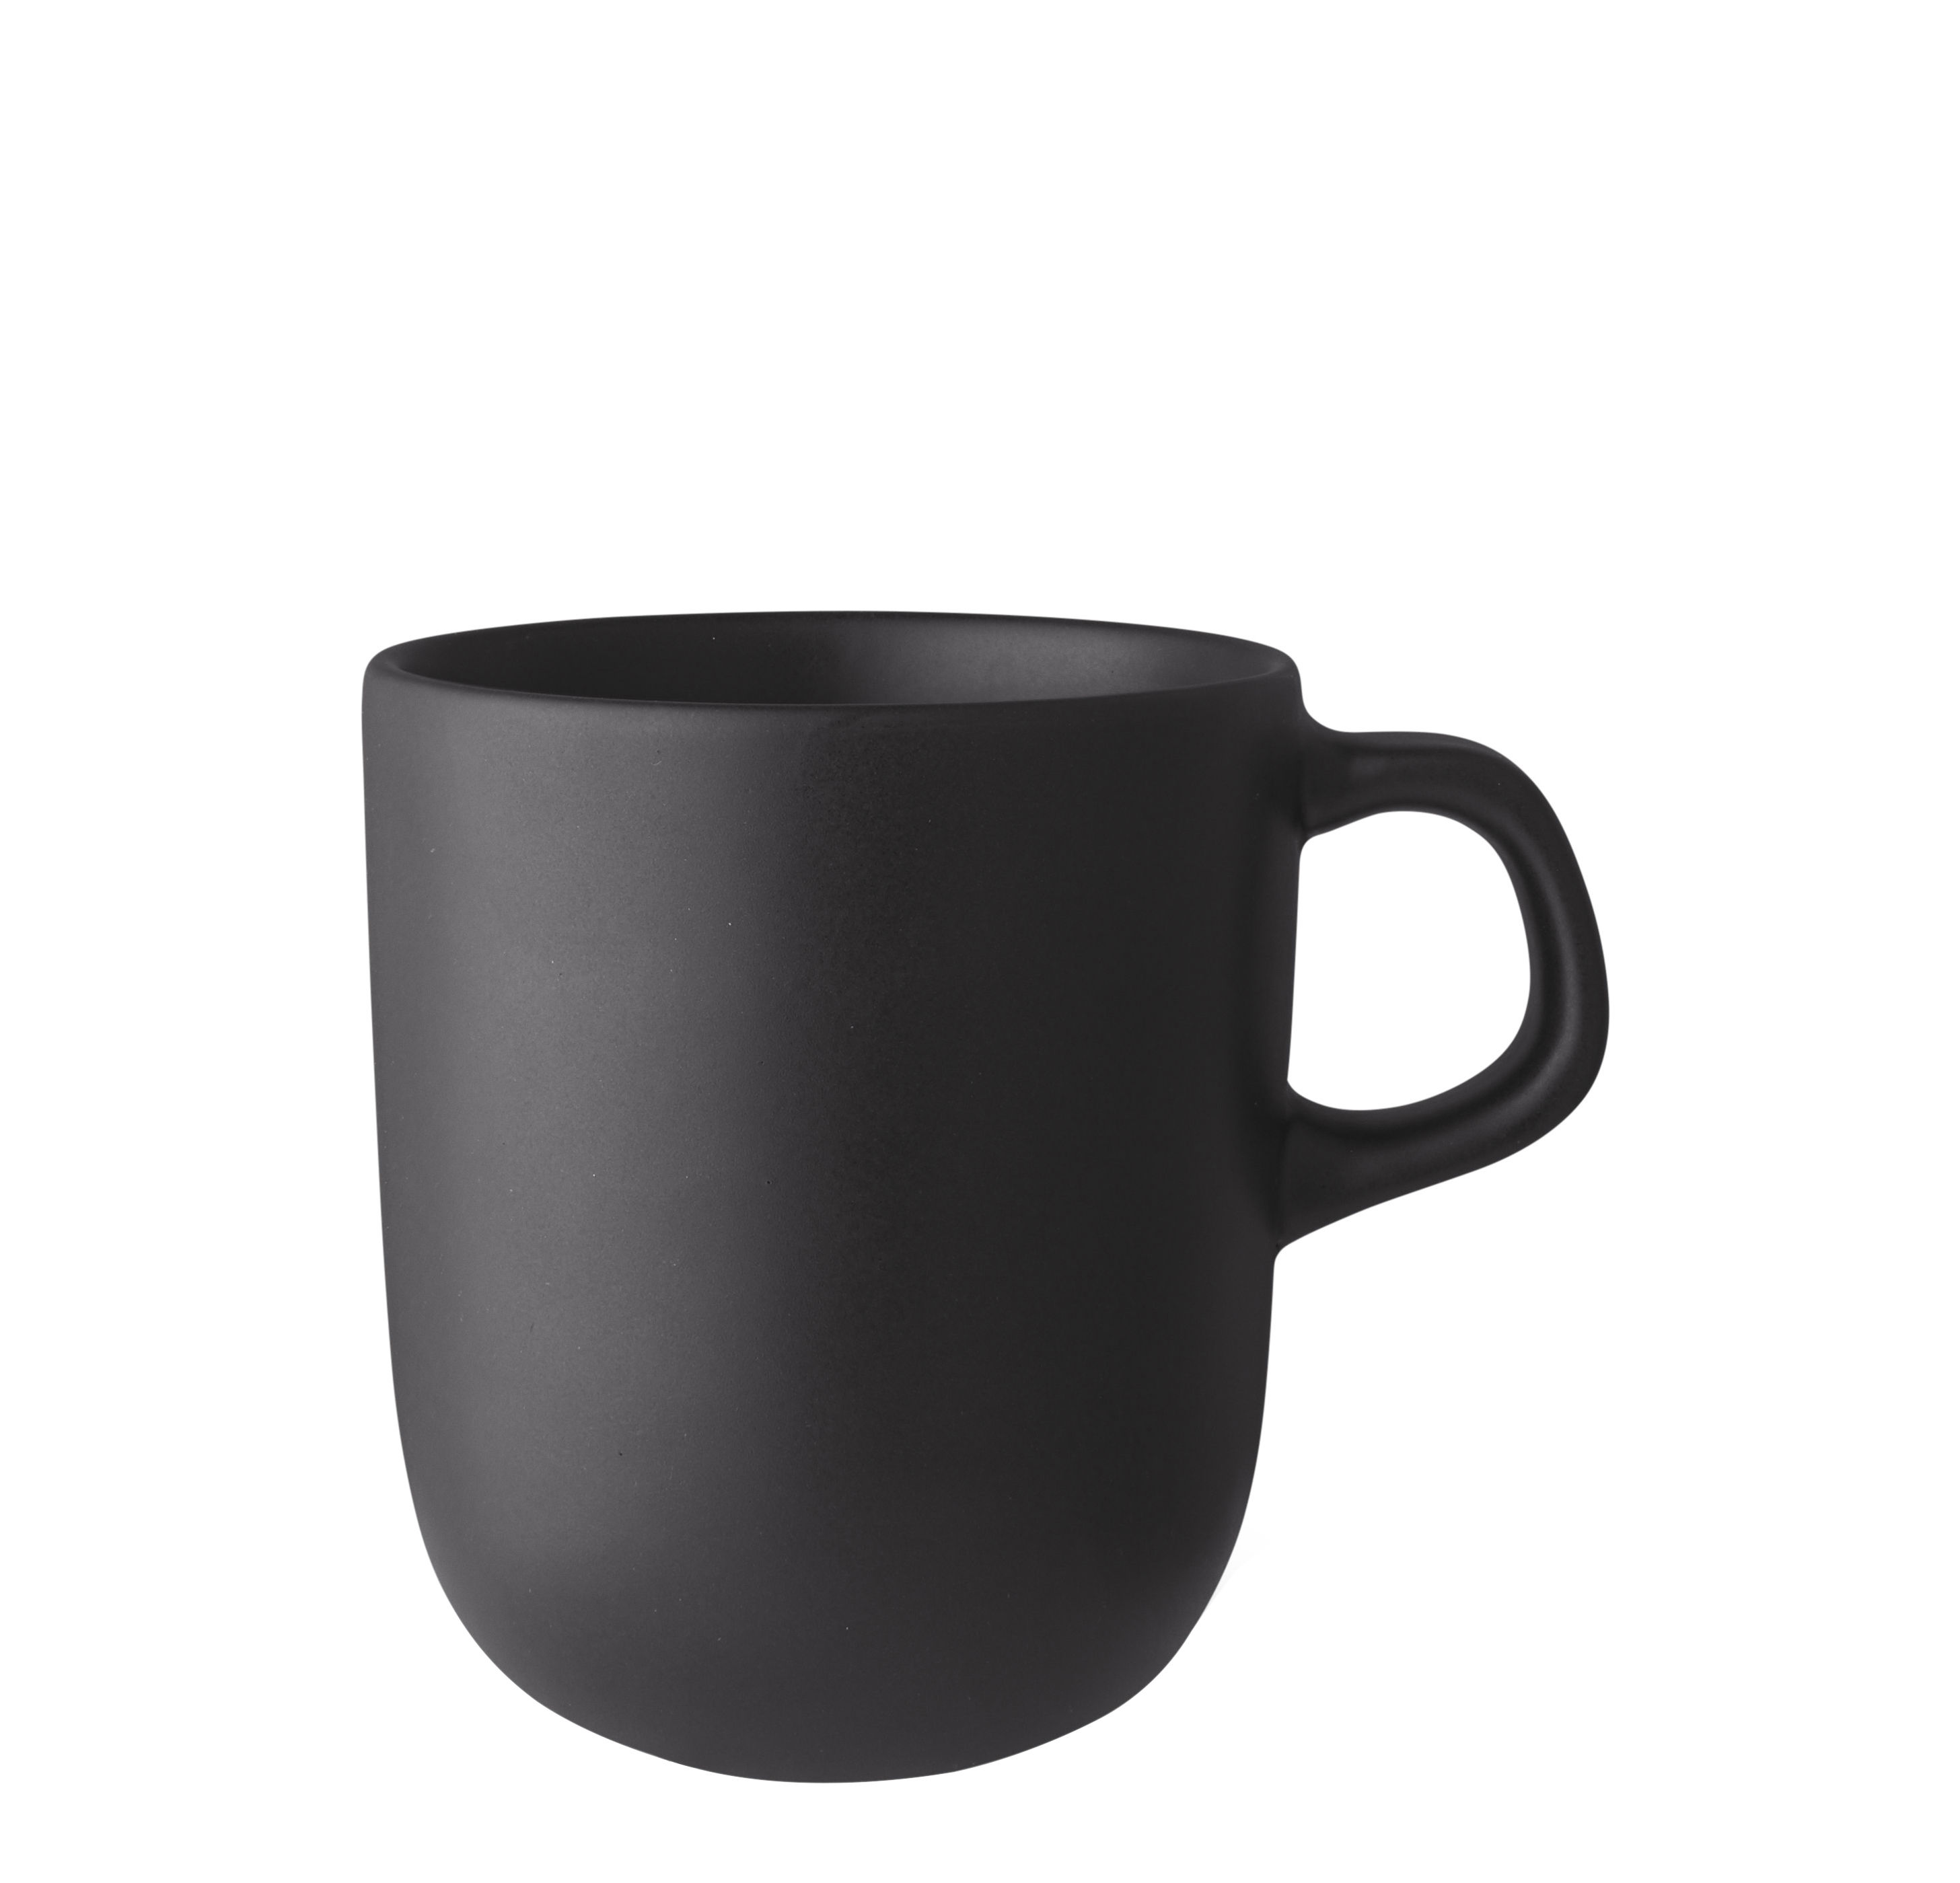 Arts de la table - Tasses et mugs - Tasse Nordic Kitchen / Grès - 40 cl - Eva Solo - Noir mat - Grès